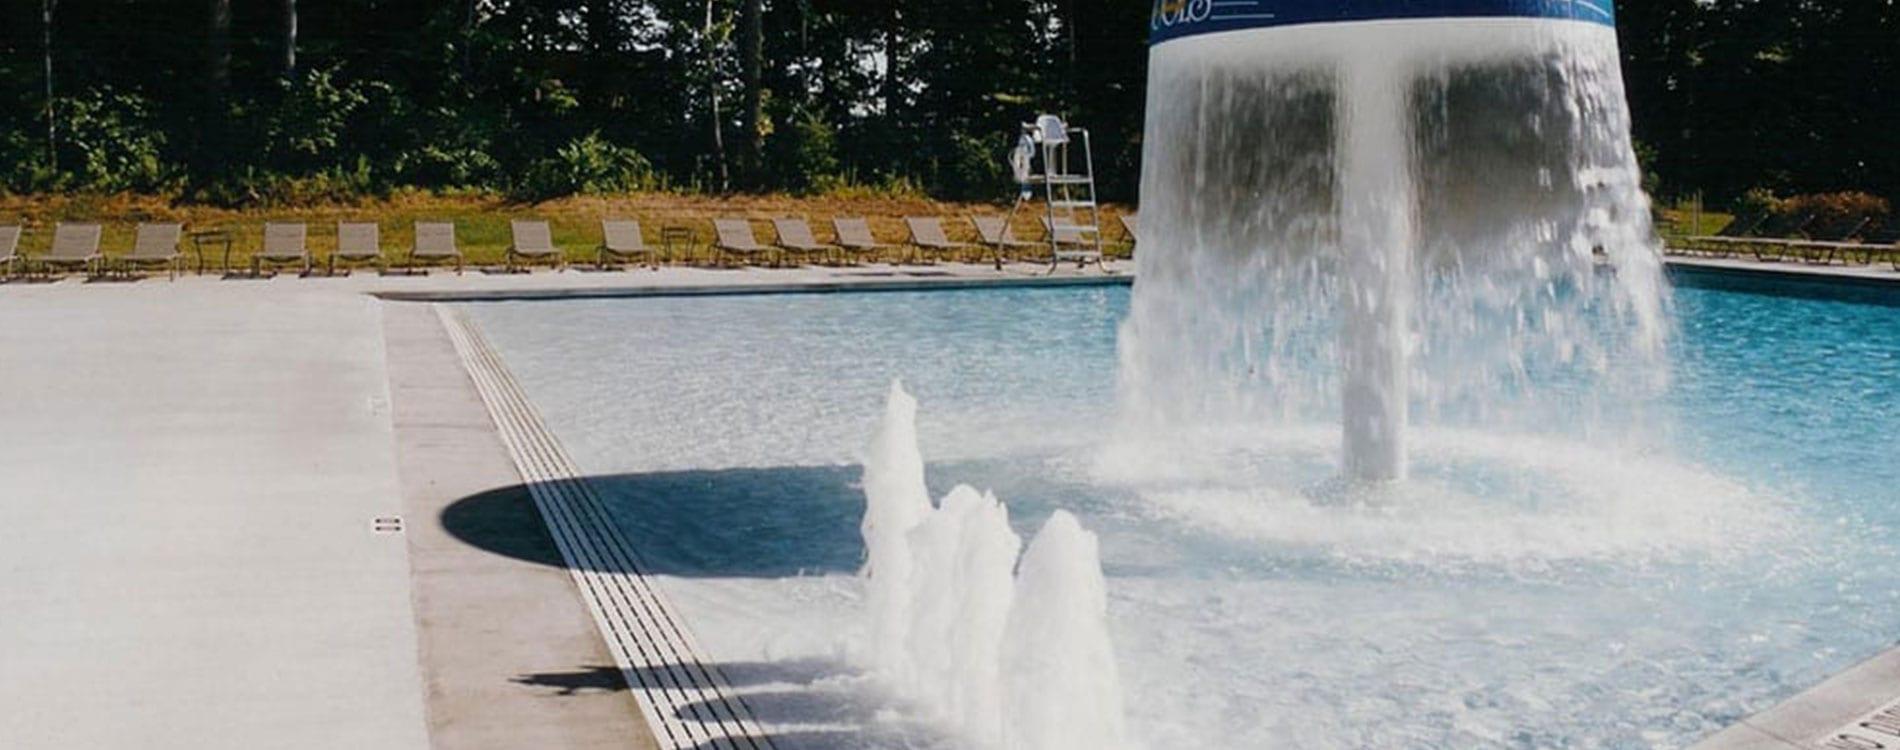 Commercial Gunite Pools Cincinnati